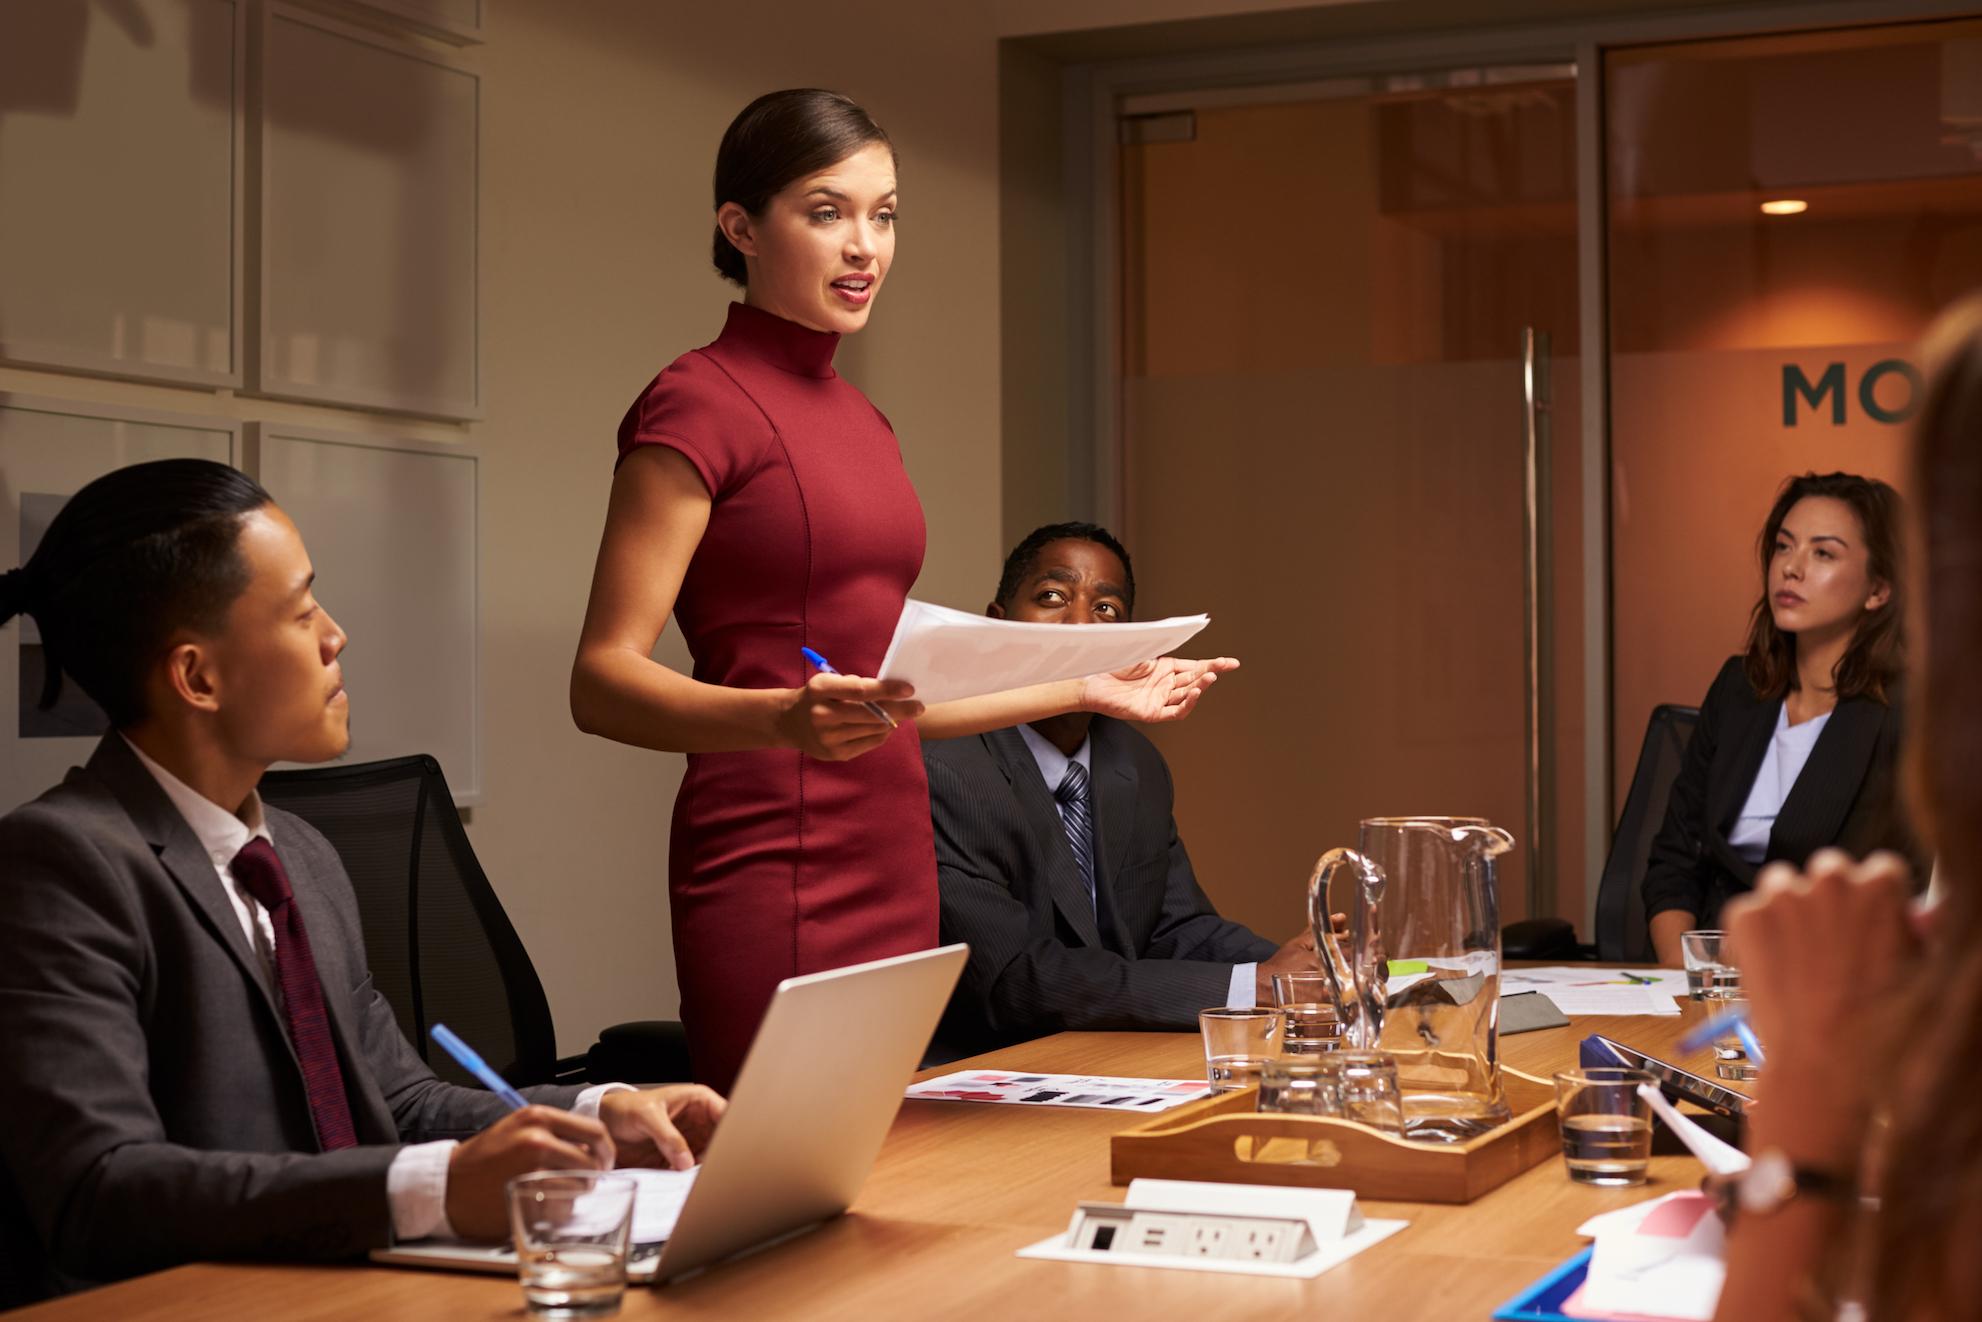 trabalho - mulheres reconhecidas foto de destaque